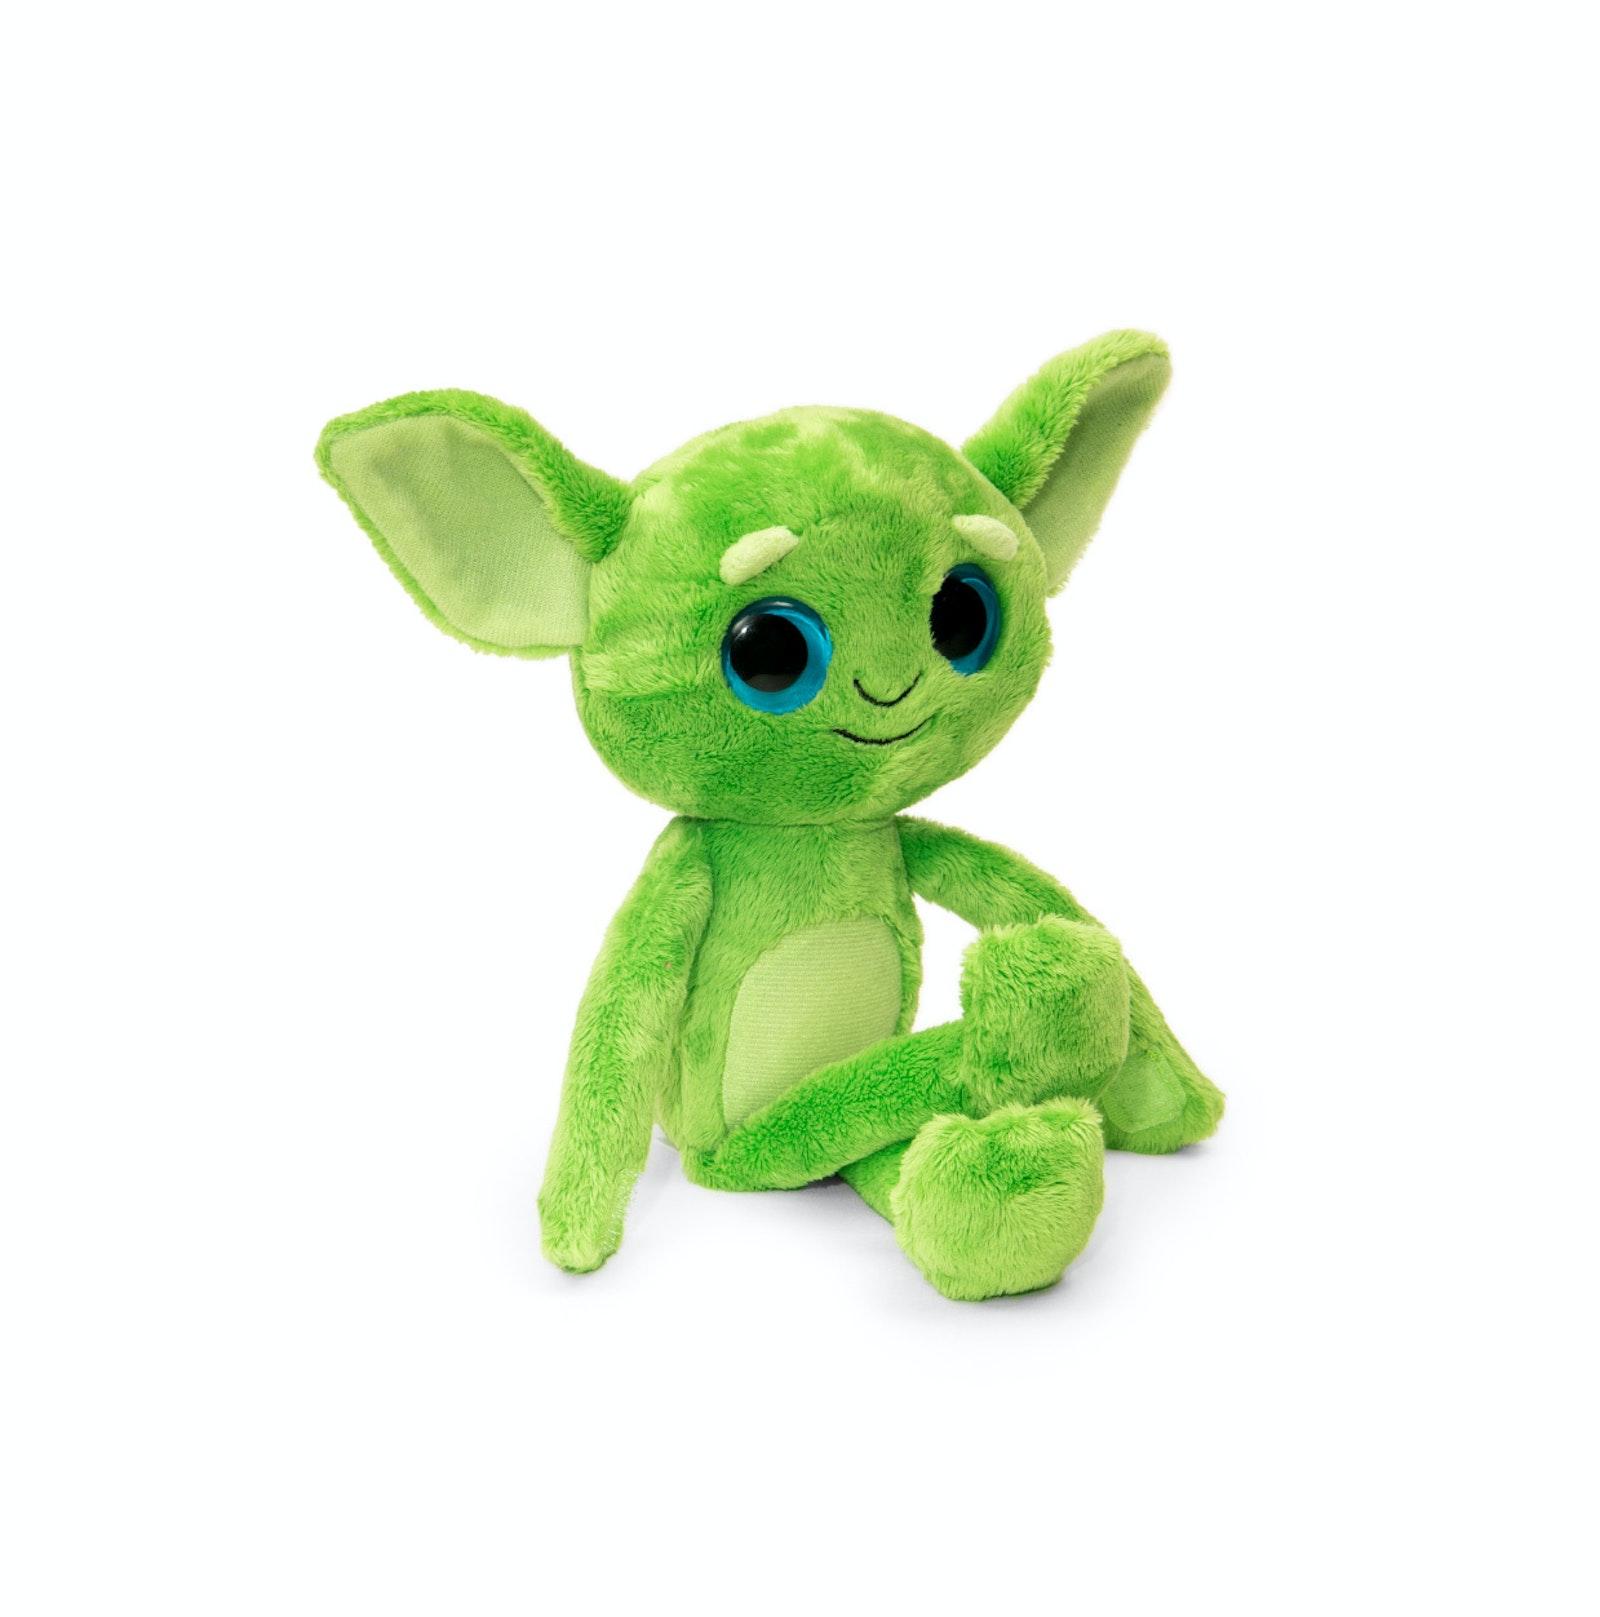 Sugar G toy a